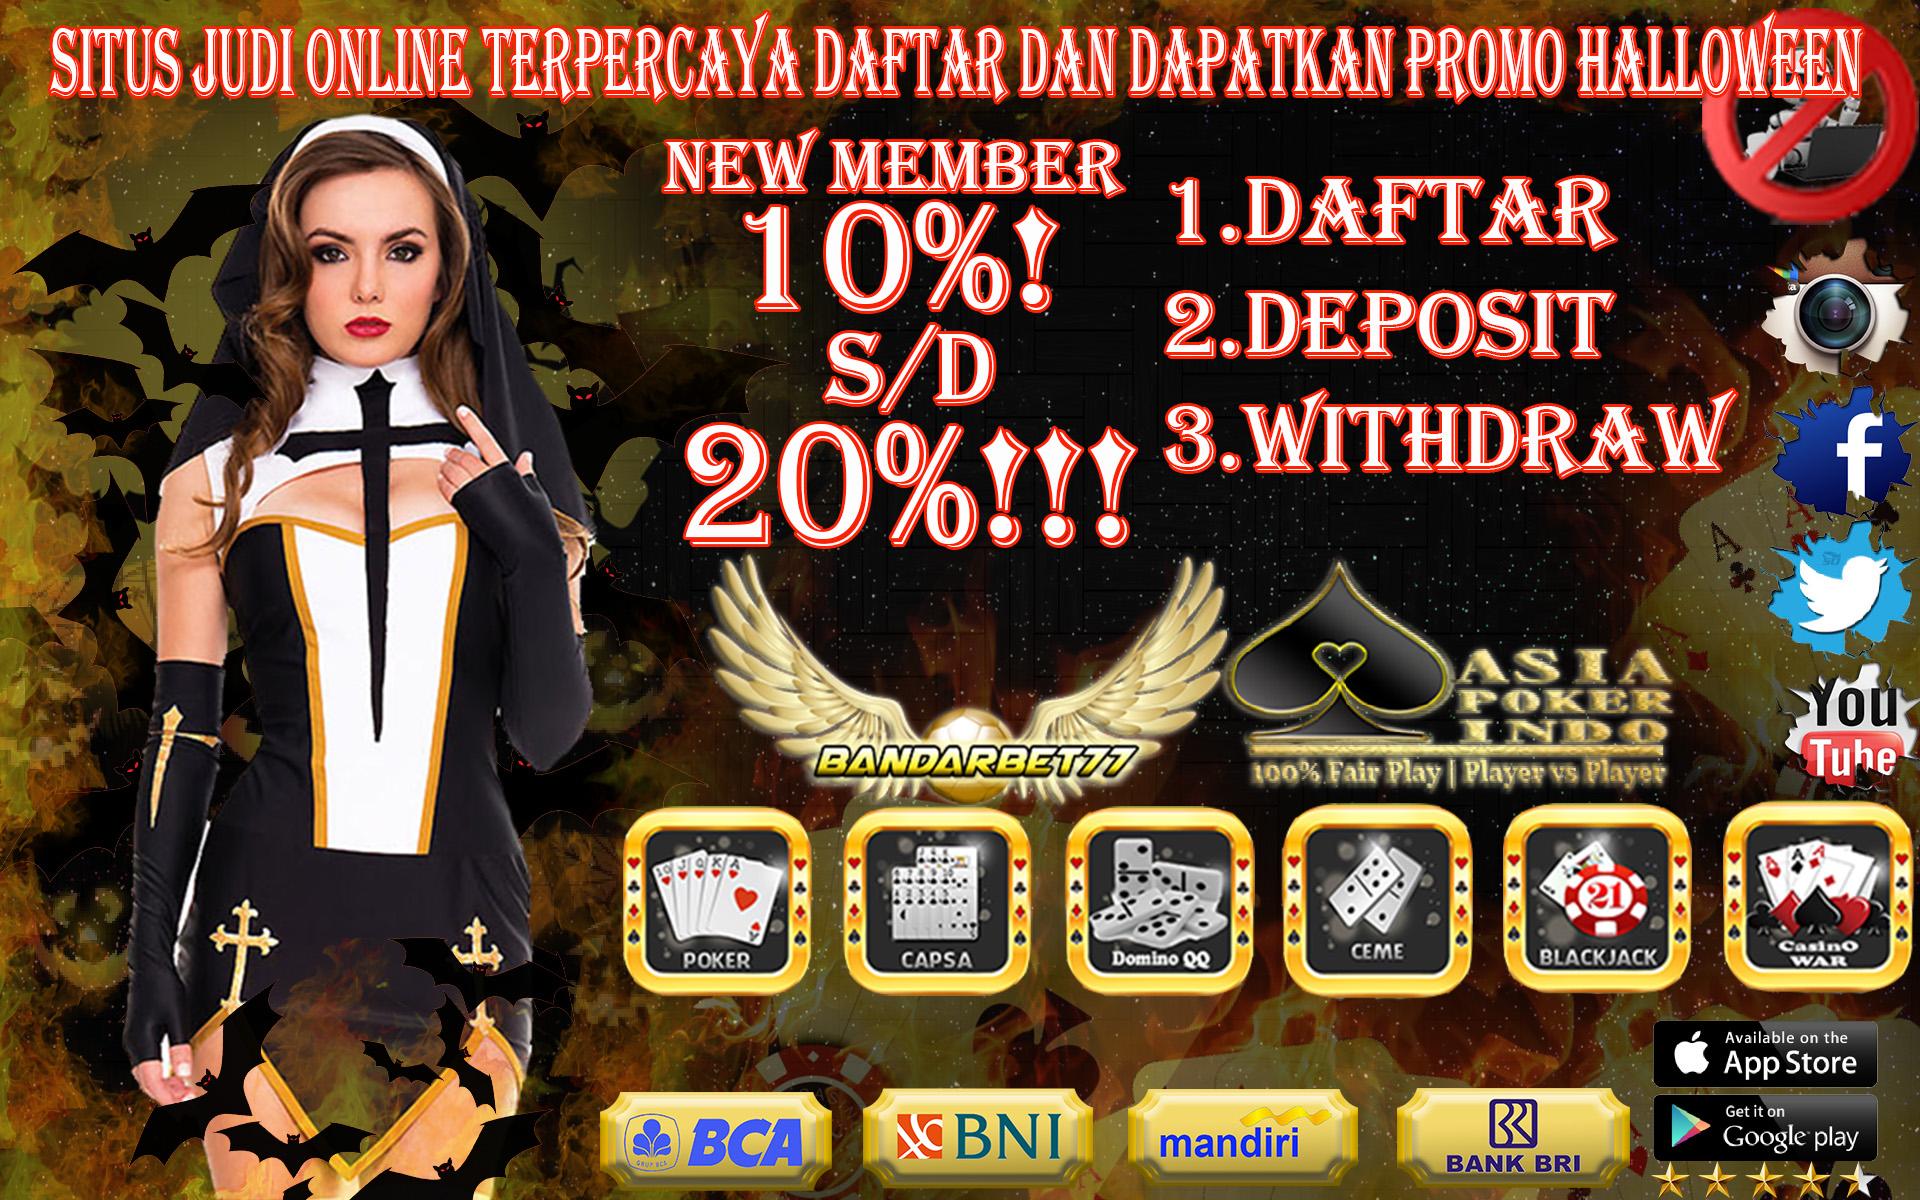 Situs Poker Online Gratis Indonesia Terbaru